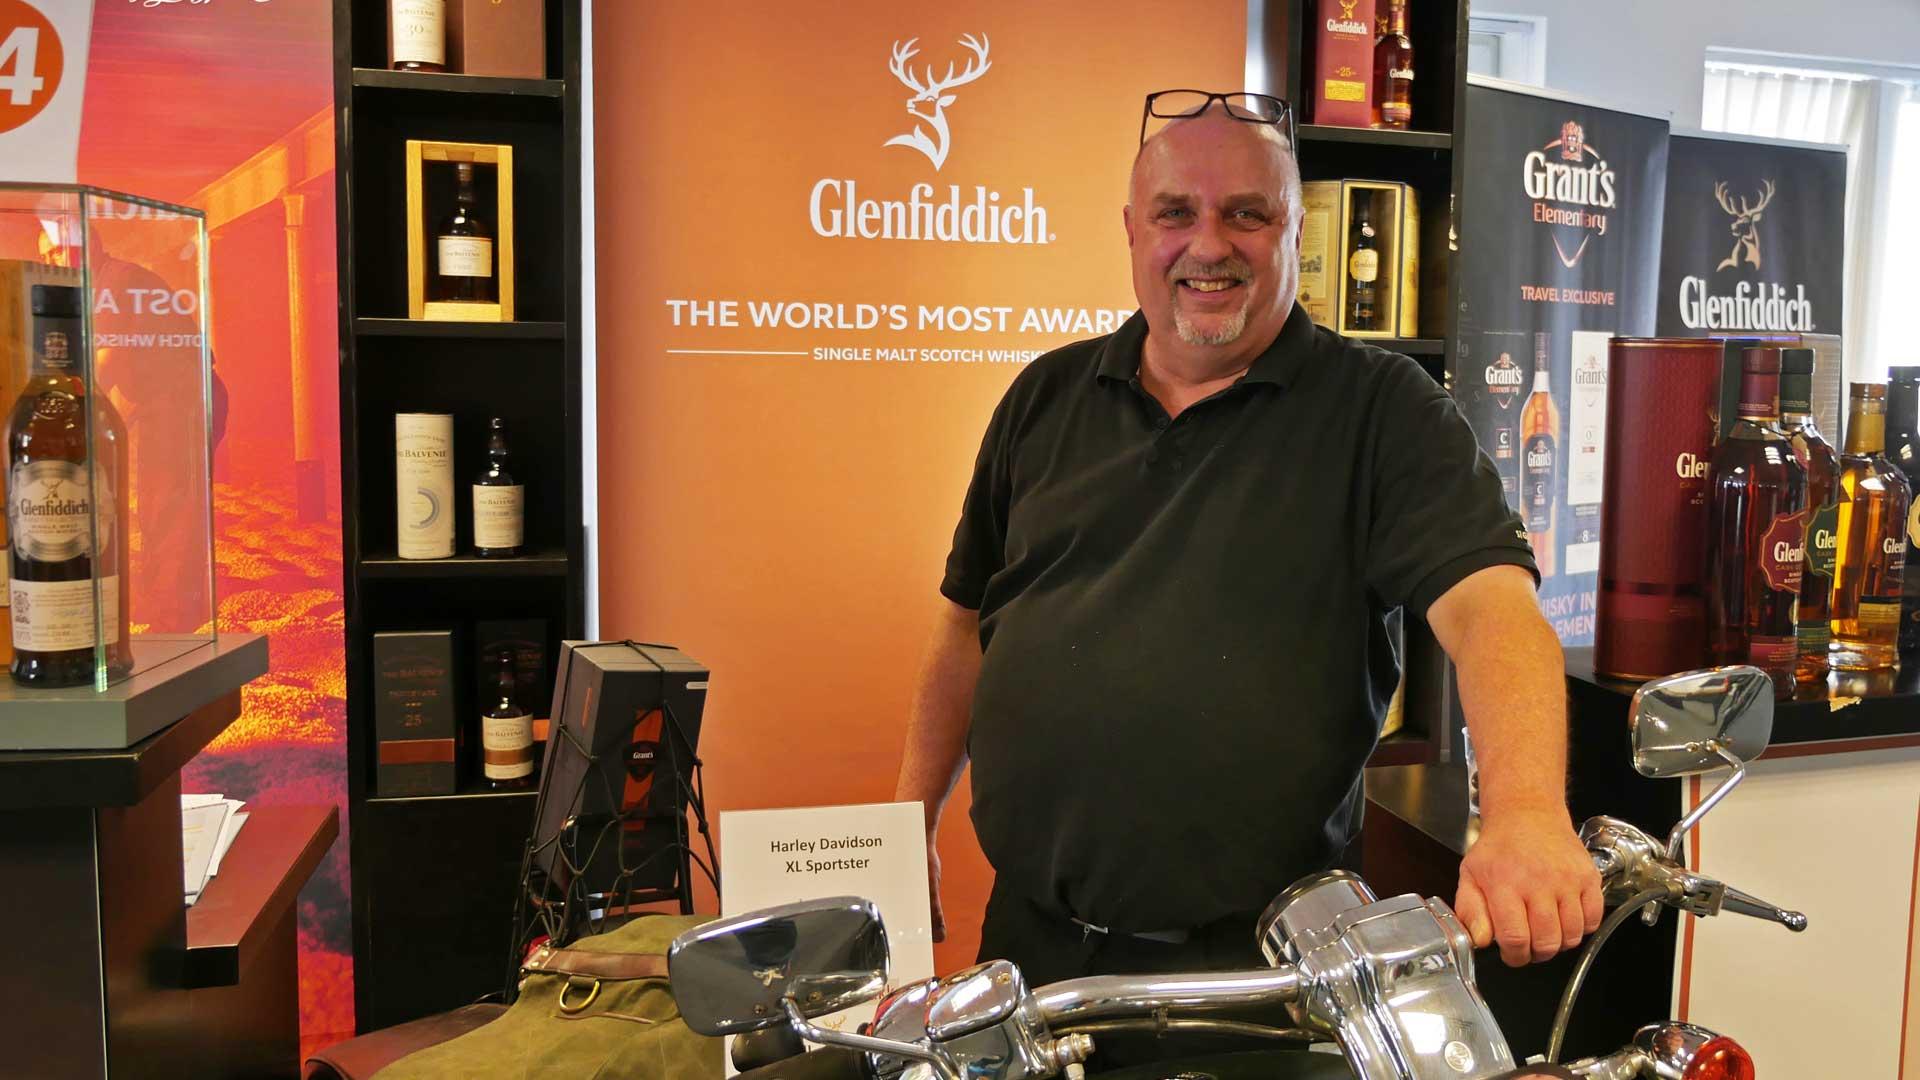 Treffpunkt Whisky-Messe: Hans-Henrik Hansen hat die größte Glenfiddich-Sammlung der Welt und kann viele Geschichten über die Destillerie erzählen. (Foto: Alkoblog)